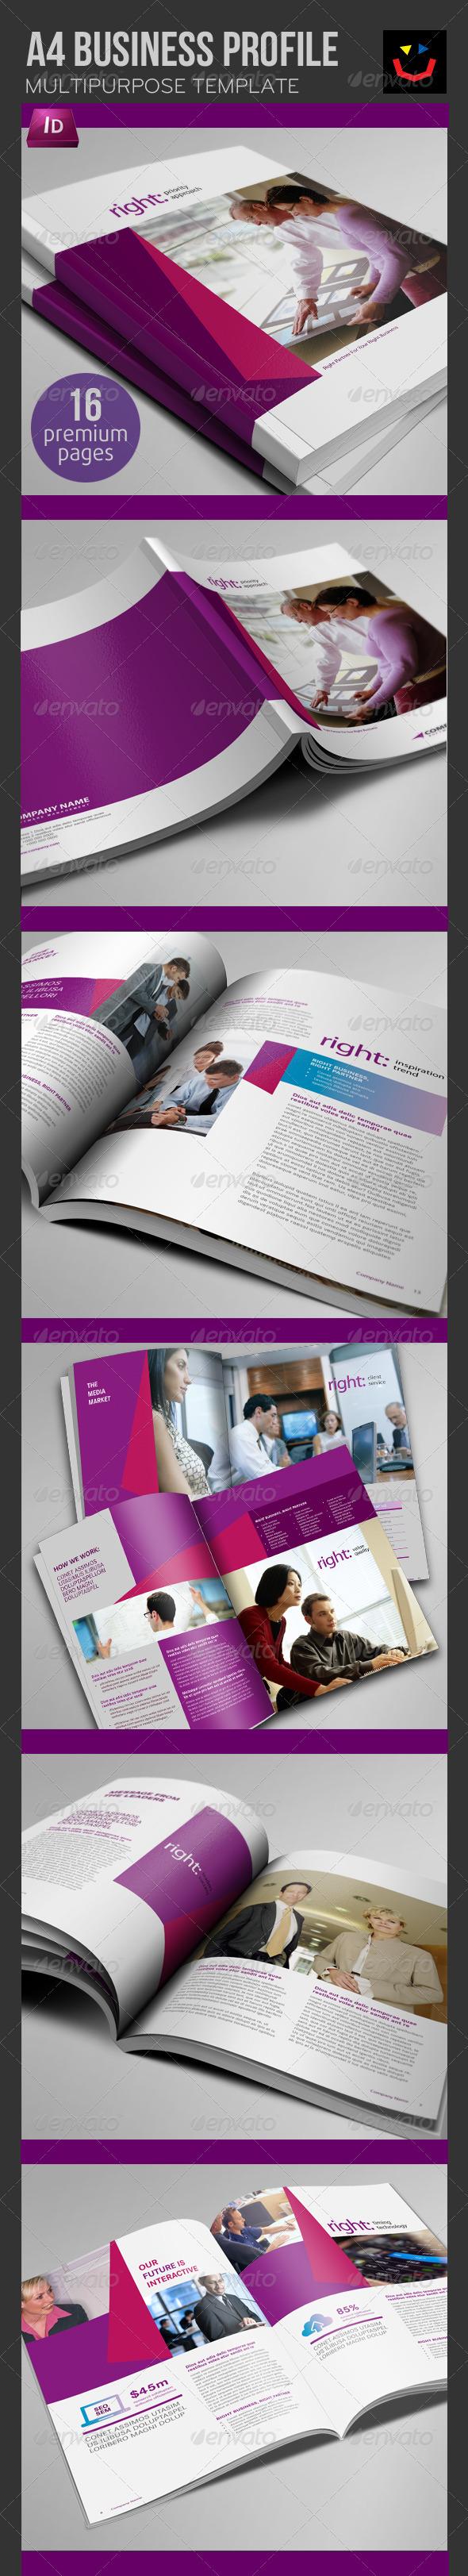 GraphicRiver Business Profile Brochure 3366696